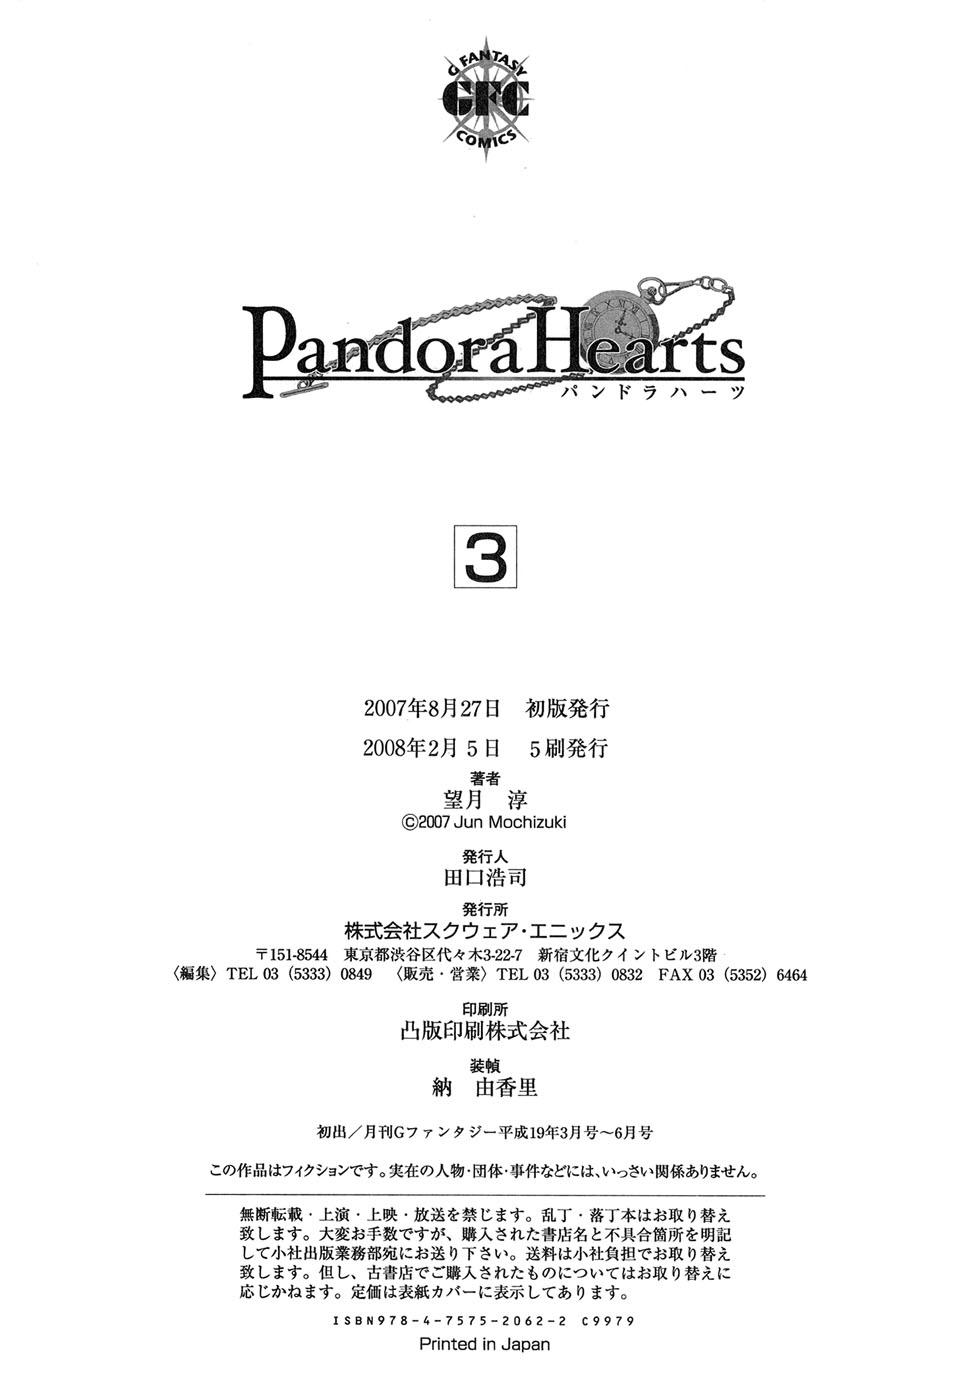 Pandora Hearts chương 013 - retrace: xiii a lost raven trang 45